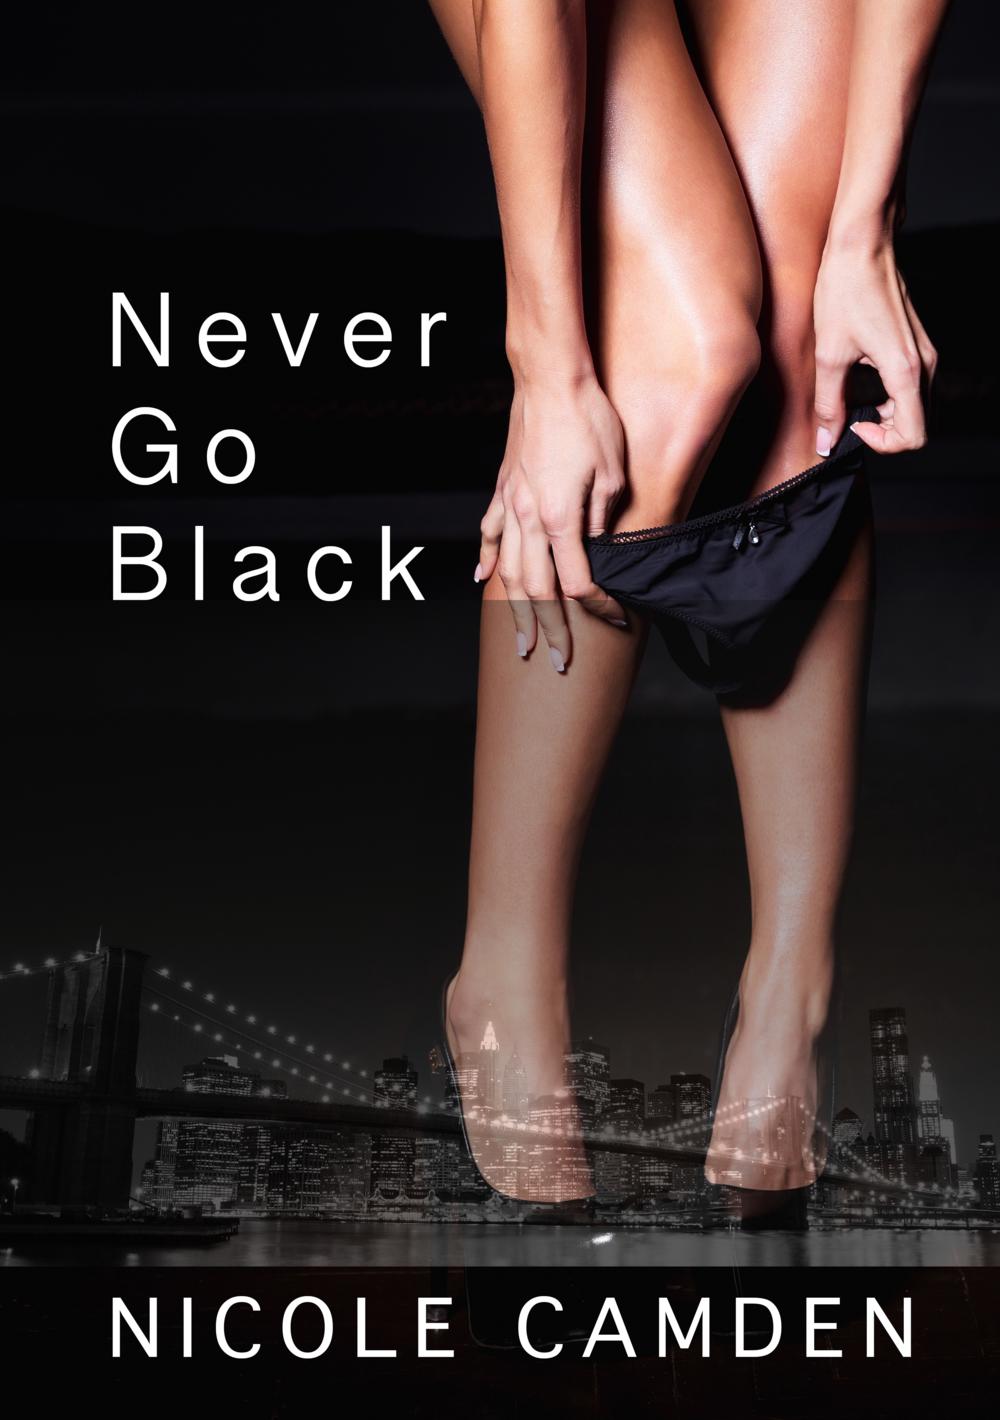 nevergoblackcover.png